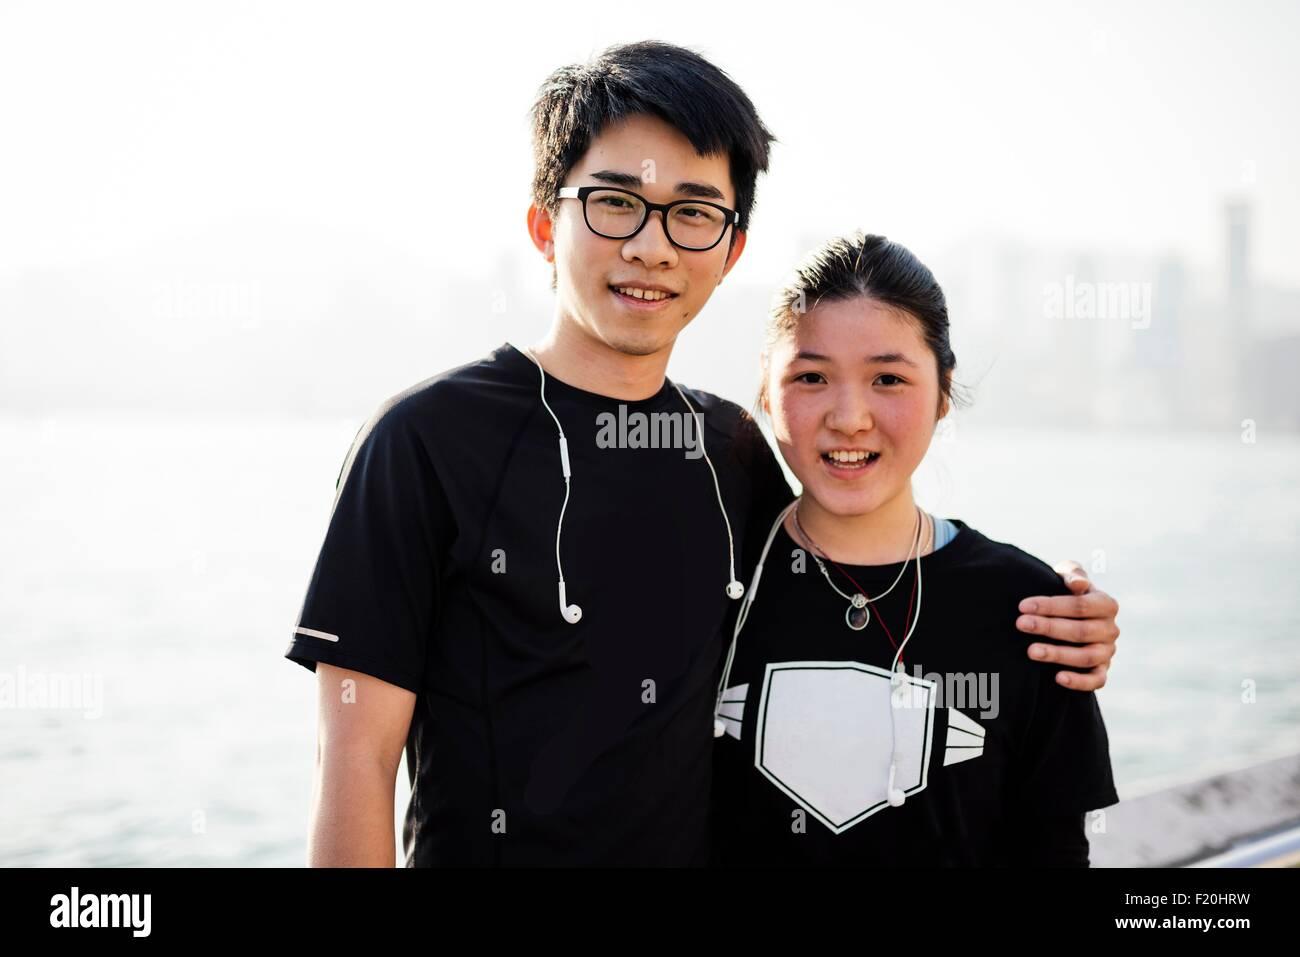 Retrato de joven con brazo alrededor de joven, vistiendo los auriculares, mirando a la cámara sonriendo Imagen De Stock